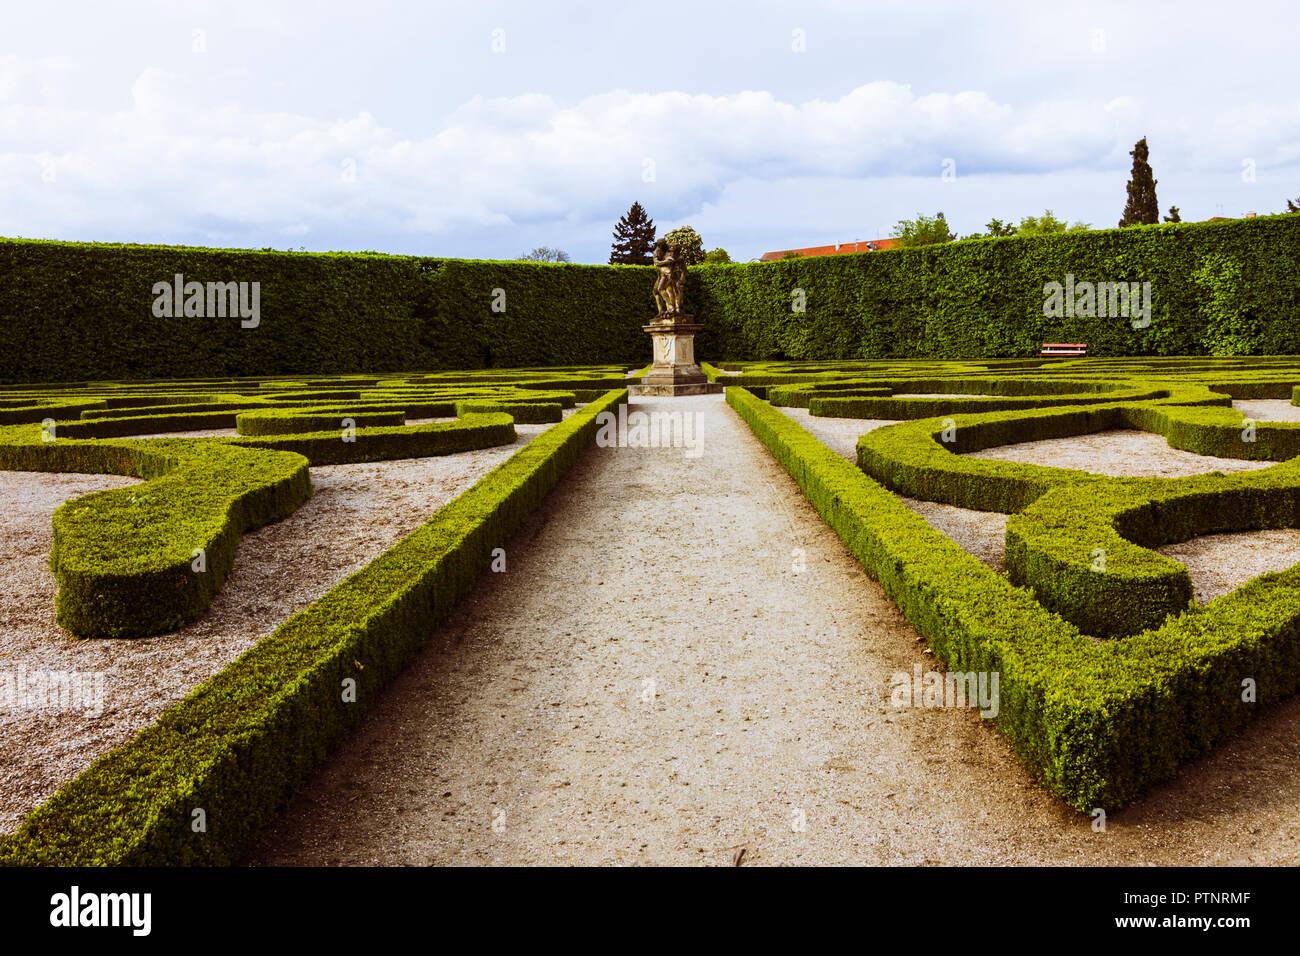 Kromeriz, en Moravie, République tchèque: jardin de fleurs baroques du château de Kromeriz. Photo Stock